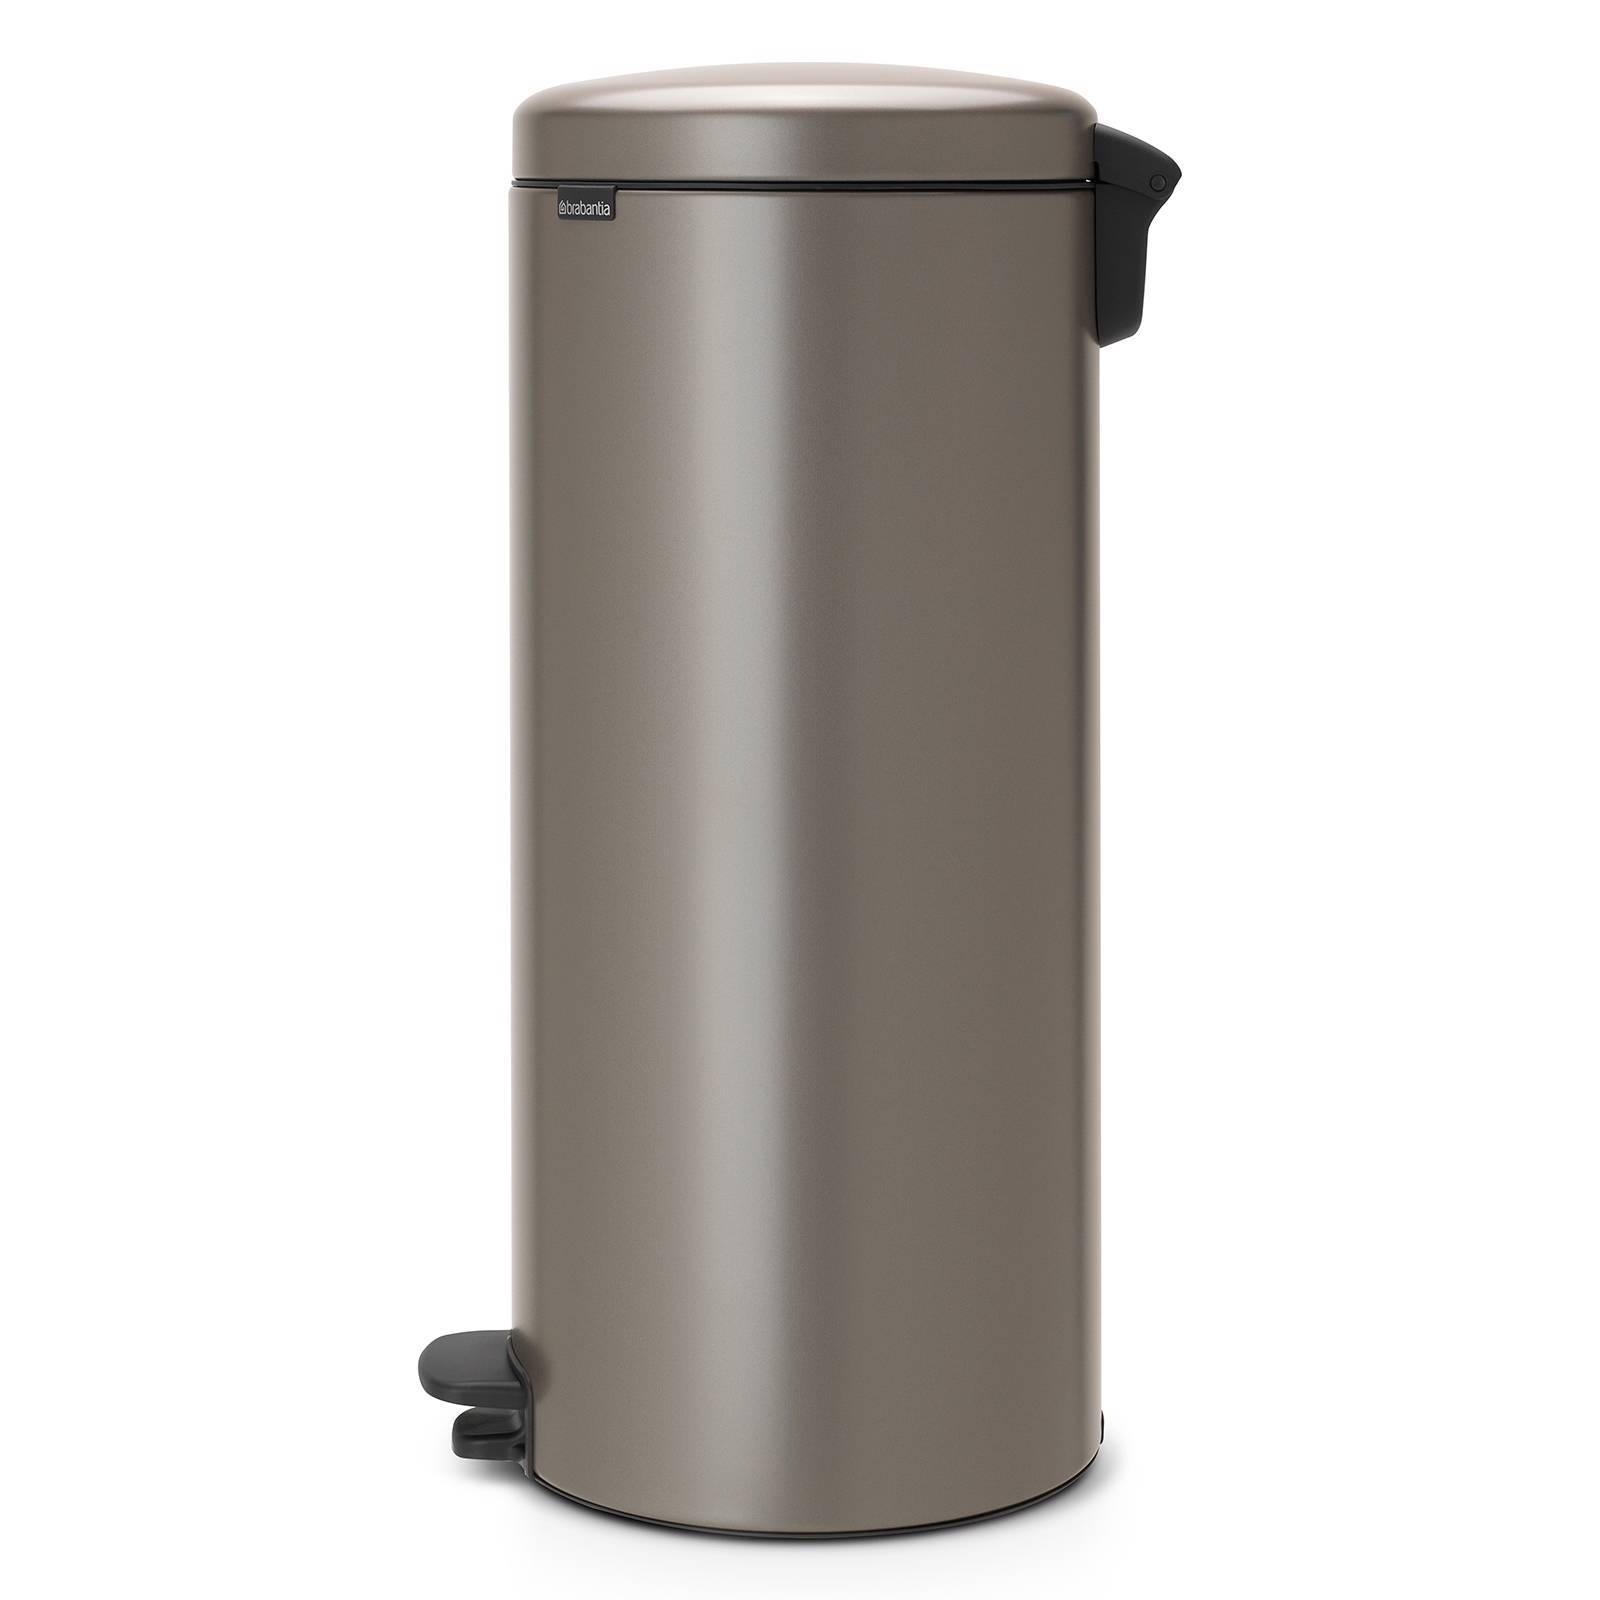 Pedaalemmer 30 Liter.Newicon Pedaalemmer 30 Liter